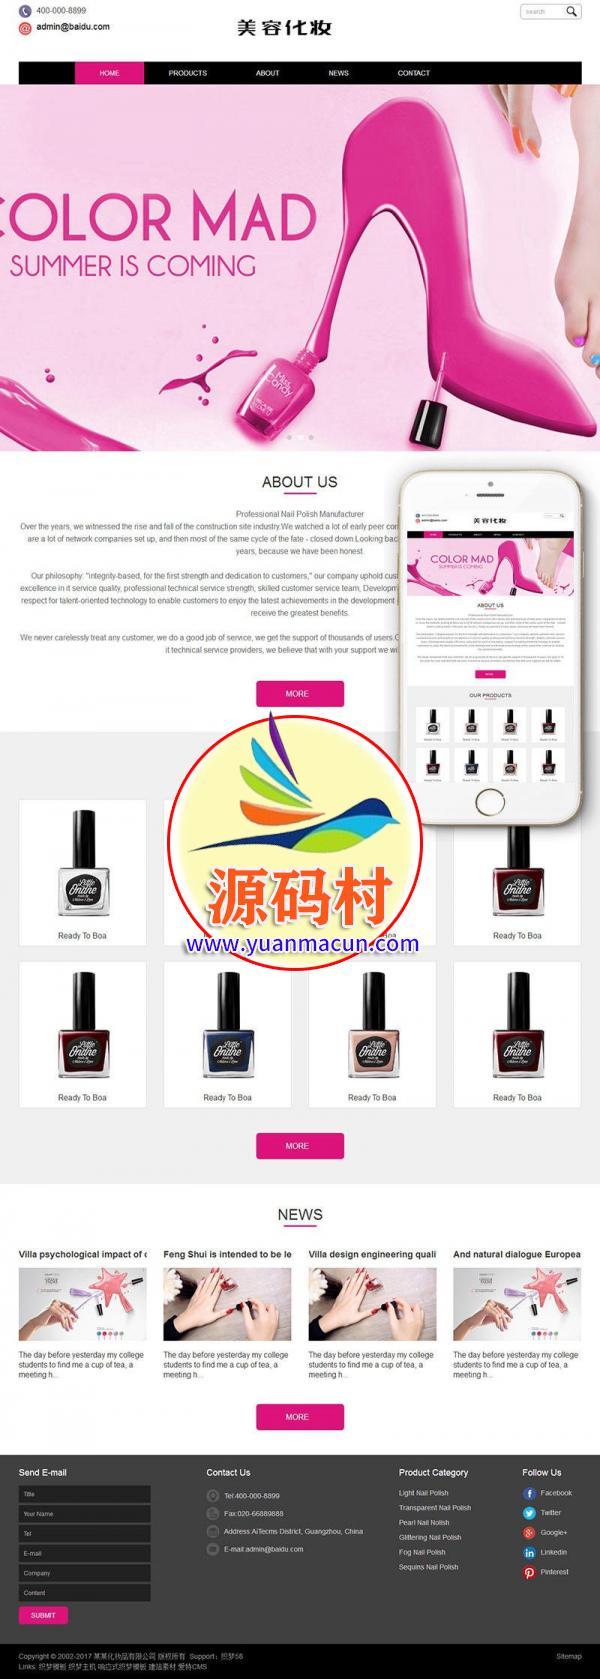 响应式外贸化妆美容产品网站织梦模板(自适应手机端)